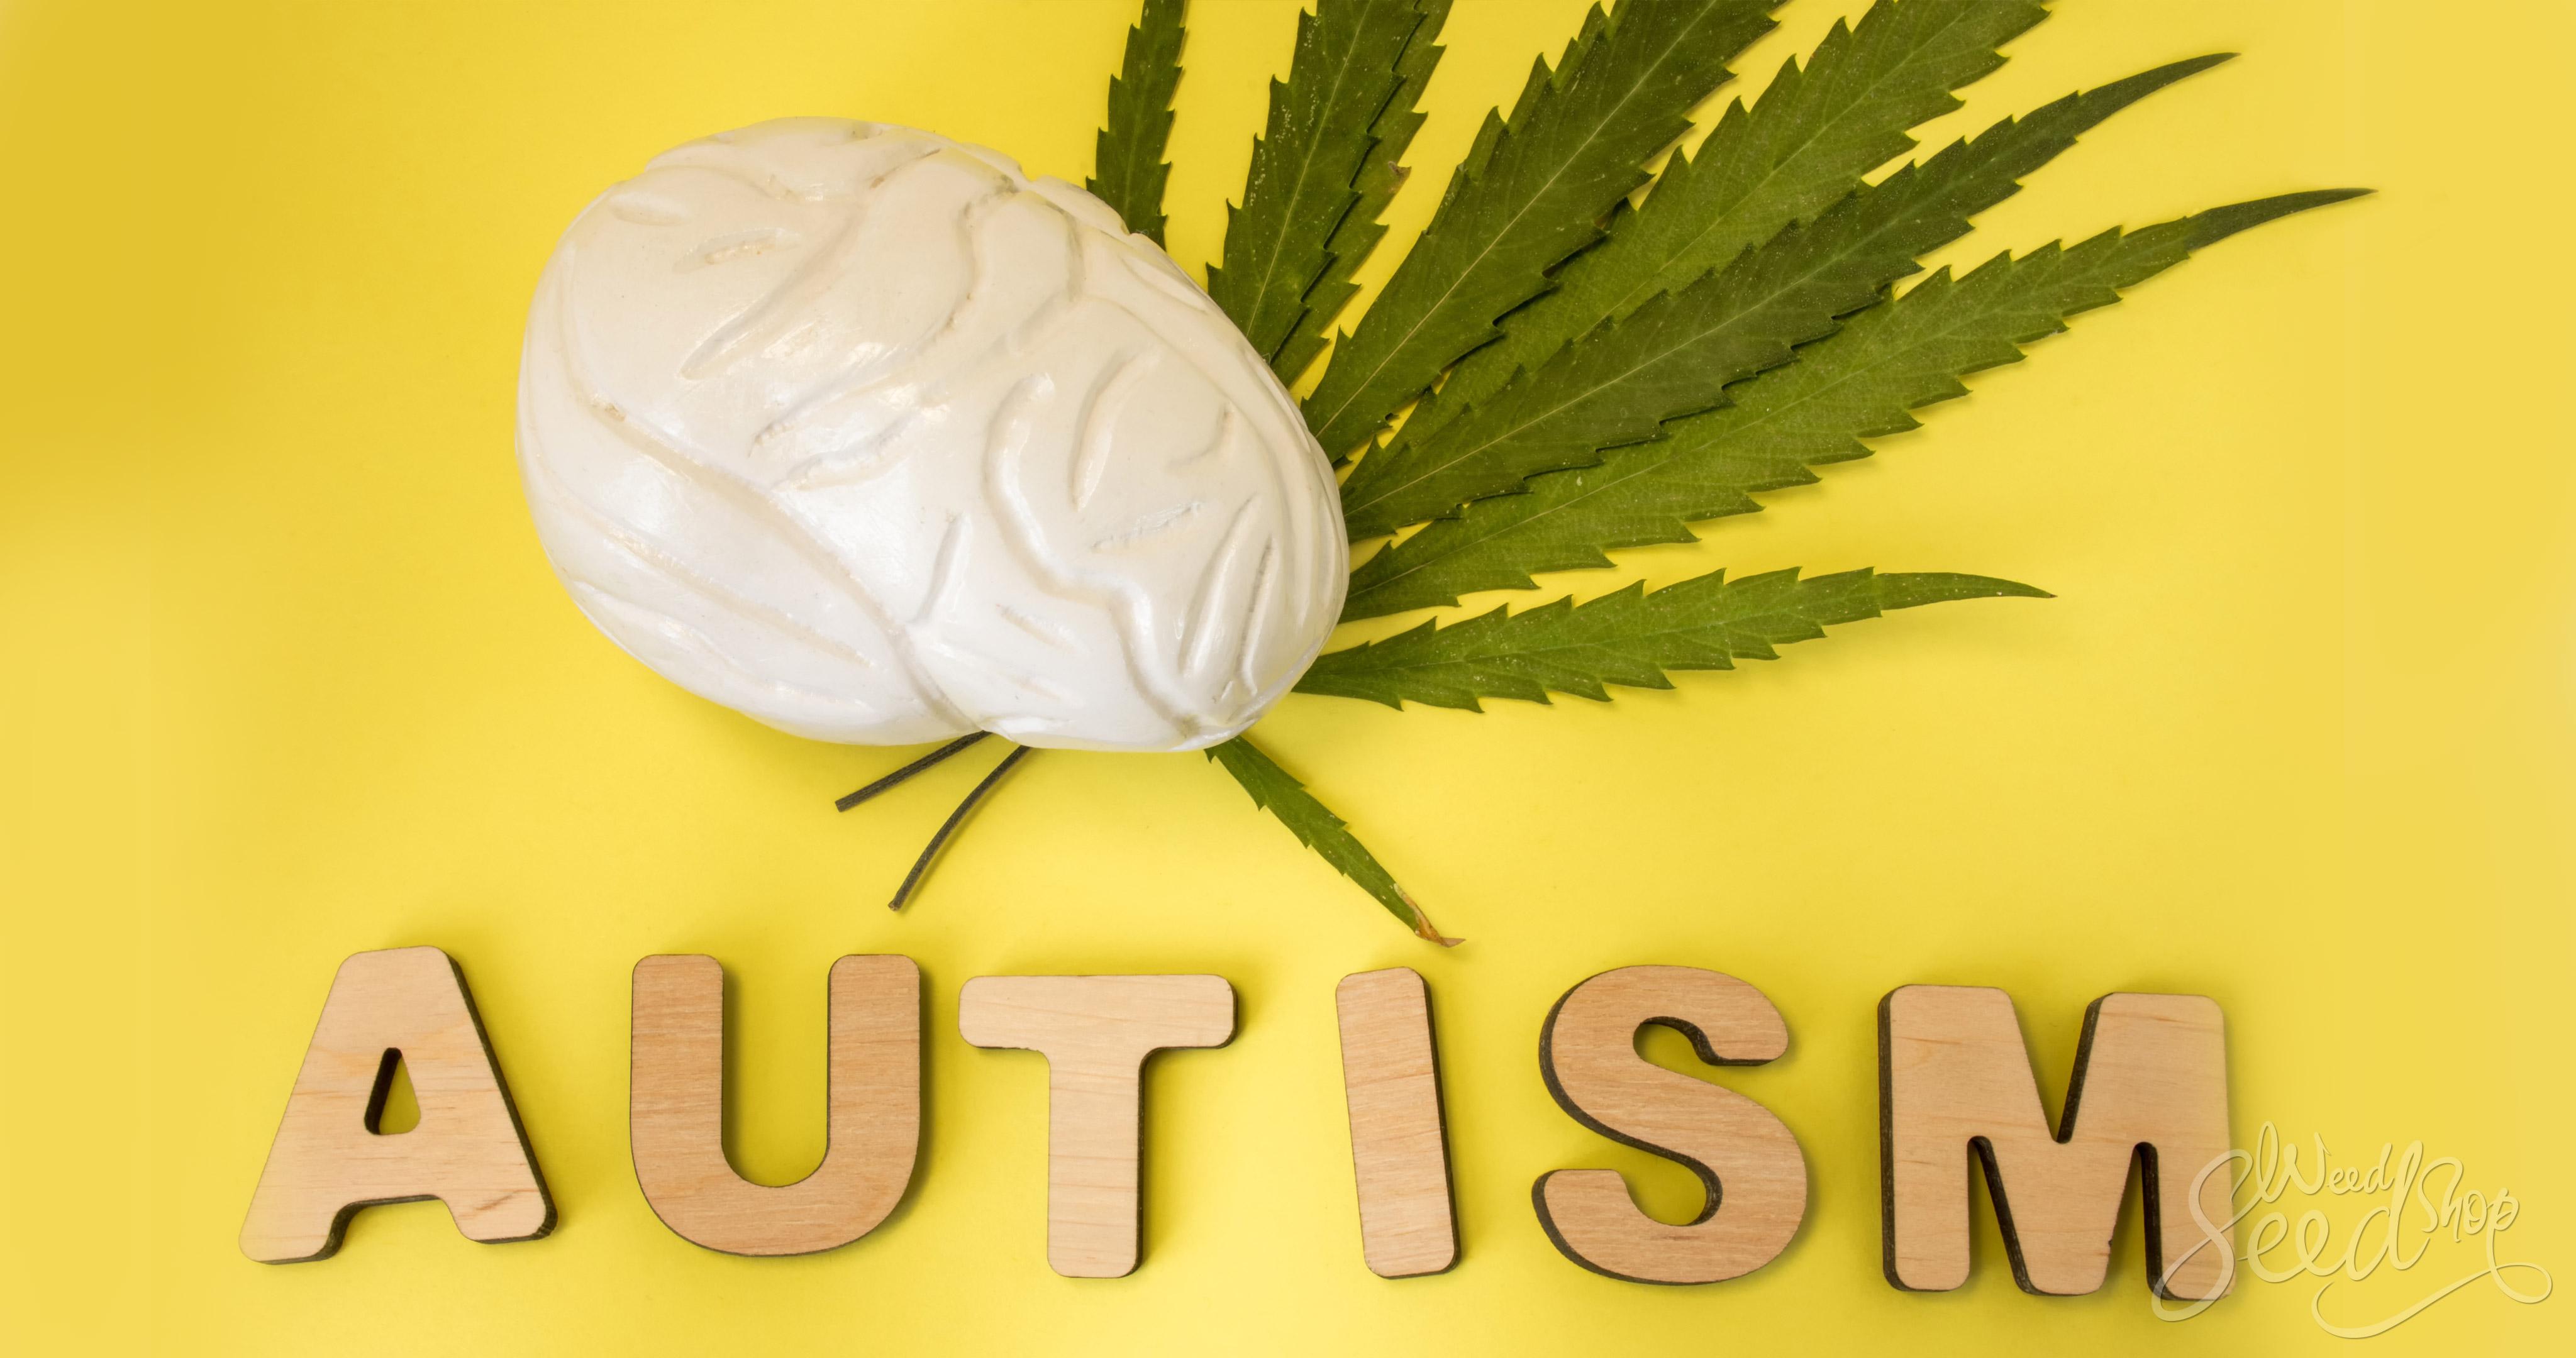 ¿La marihuana medicinal trata el autismo? - WeedSeedShop